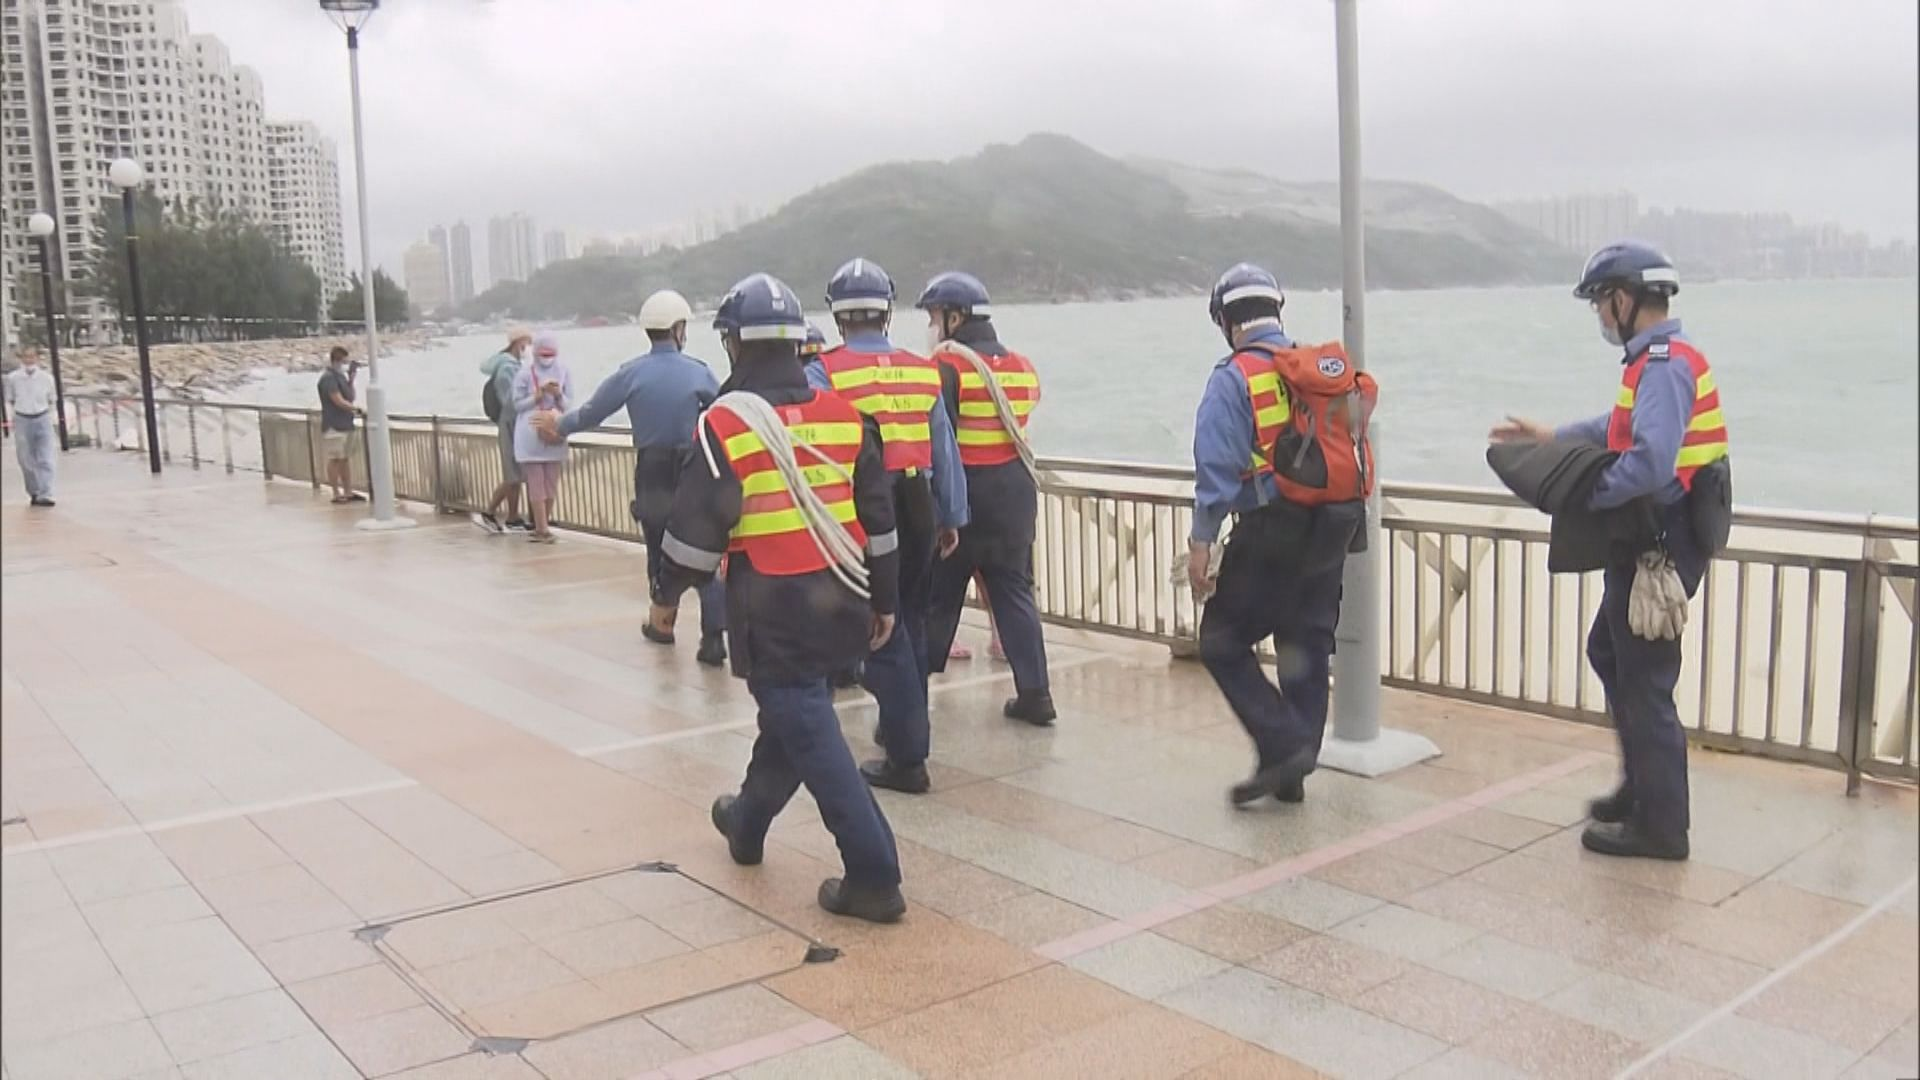 【圓規襲港】風暴期間一男子死亡20人傷 政府收到72宗塌樹報告